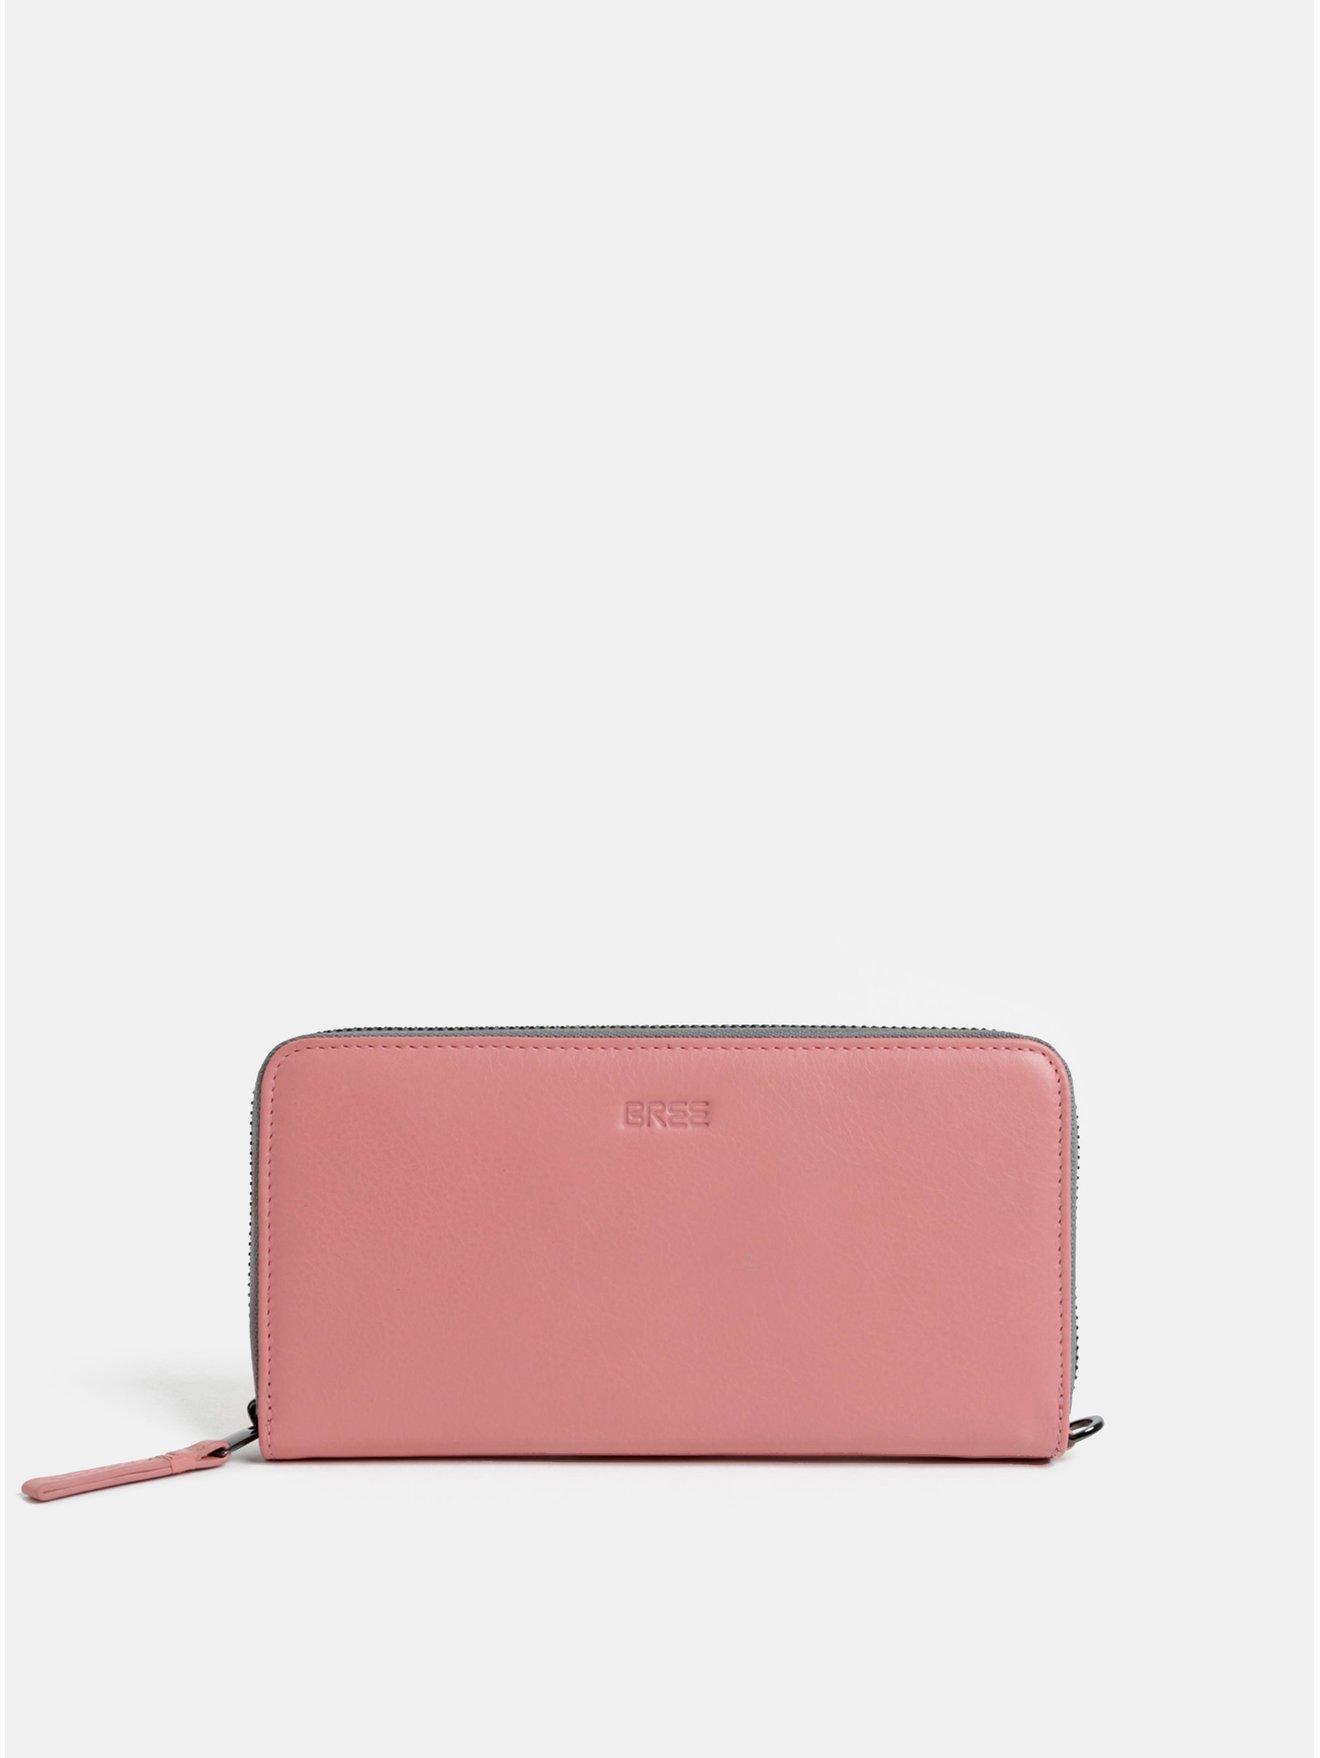 Růžová kožená velká peněženka BREE Issy 131